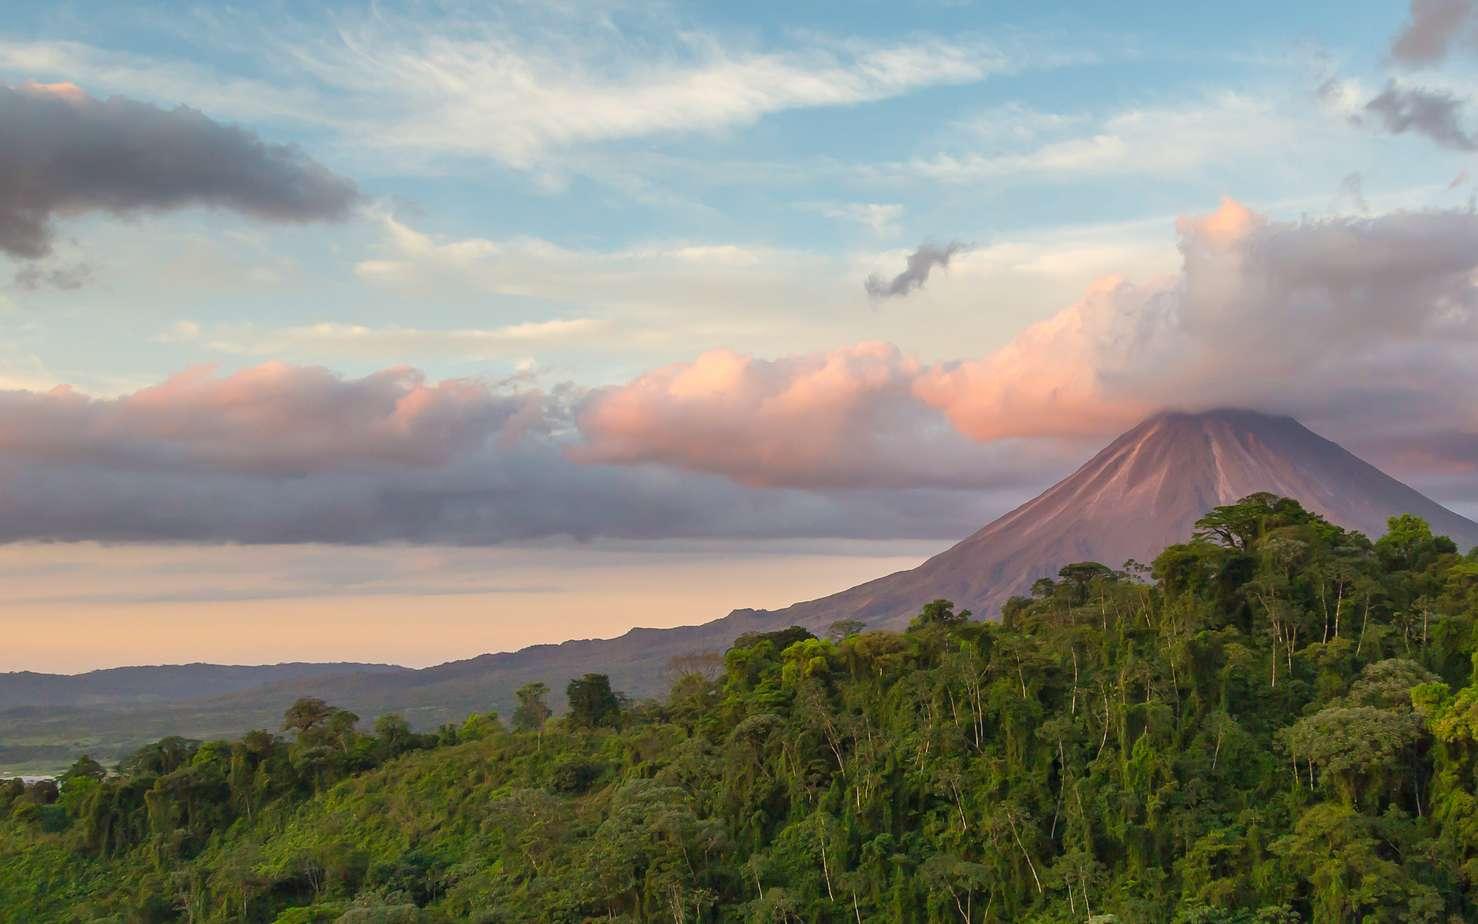 Le volcan Arenal culmine à 1.720 m d'altitude au Costa Rica. Il se distingue par la présence de cinq cratères à son sommet (notés A à E). Il n'est plus entré en éruption depuis 1968. © photodiscoveries, fotolia